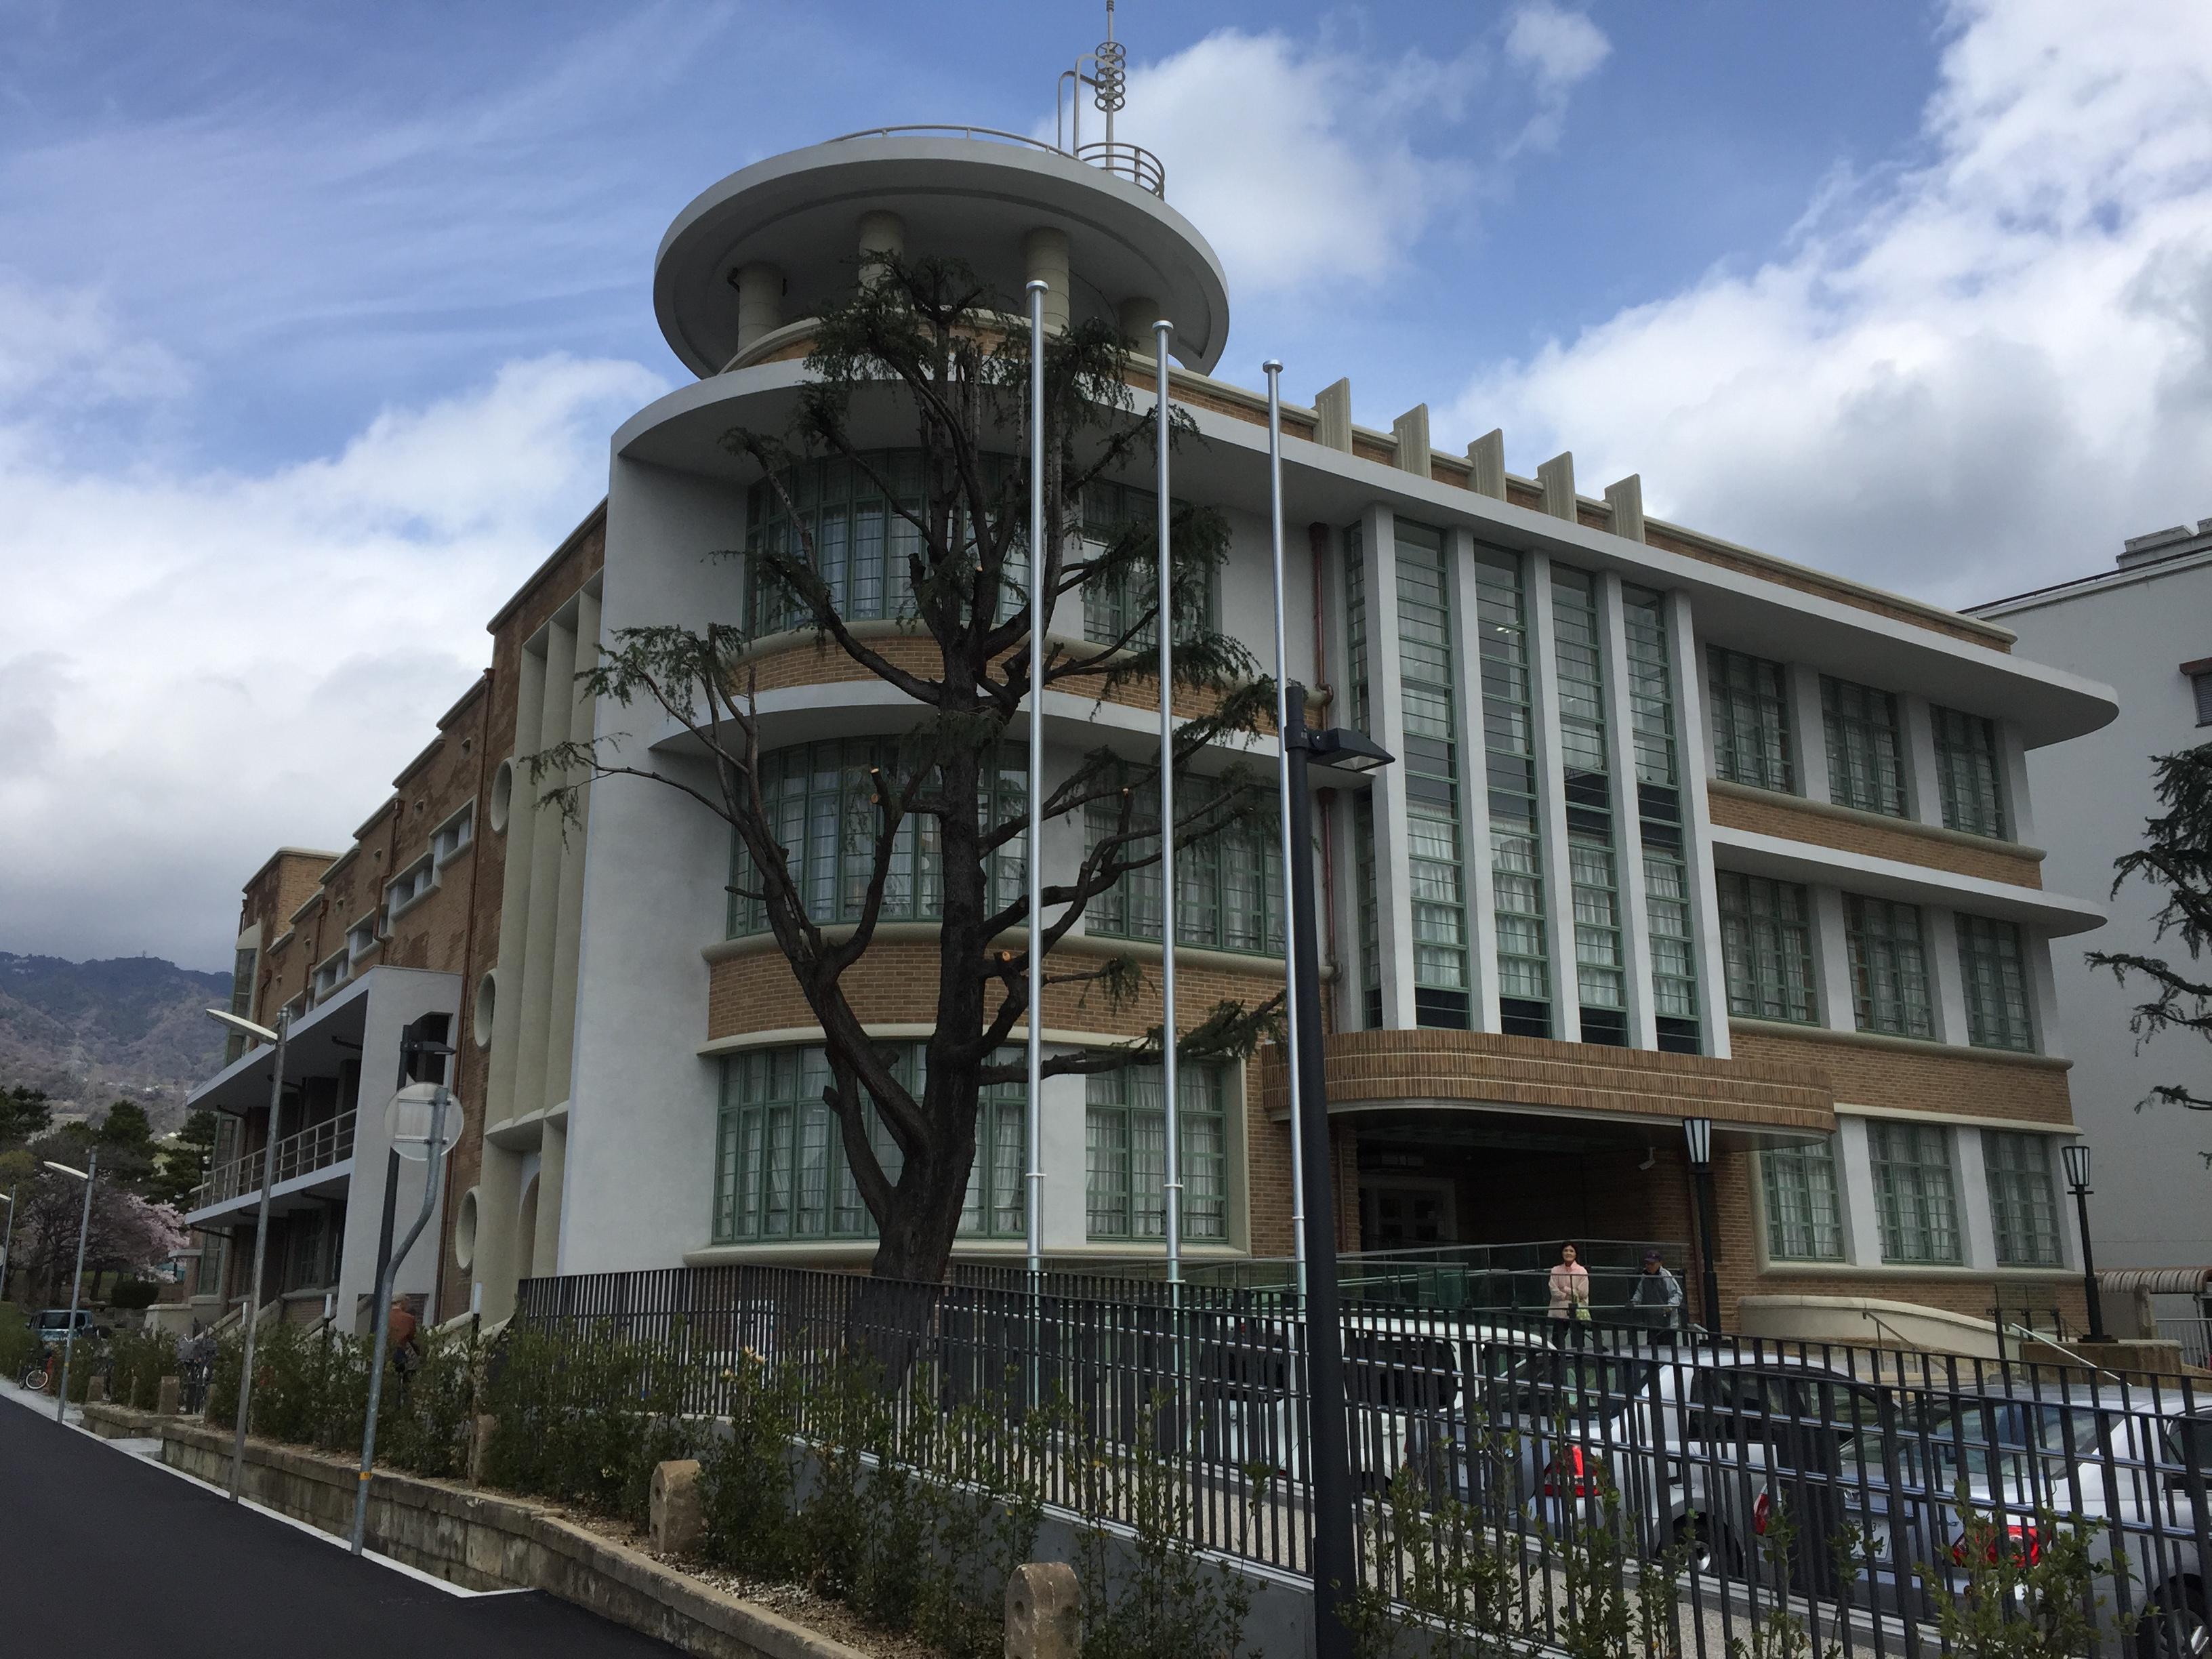 神戸・御影公会堂がリニューアルオープンしたので見学に行ってみた!【大人の社会見学】